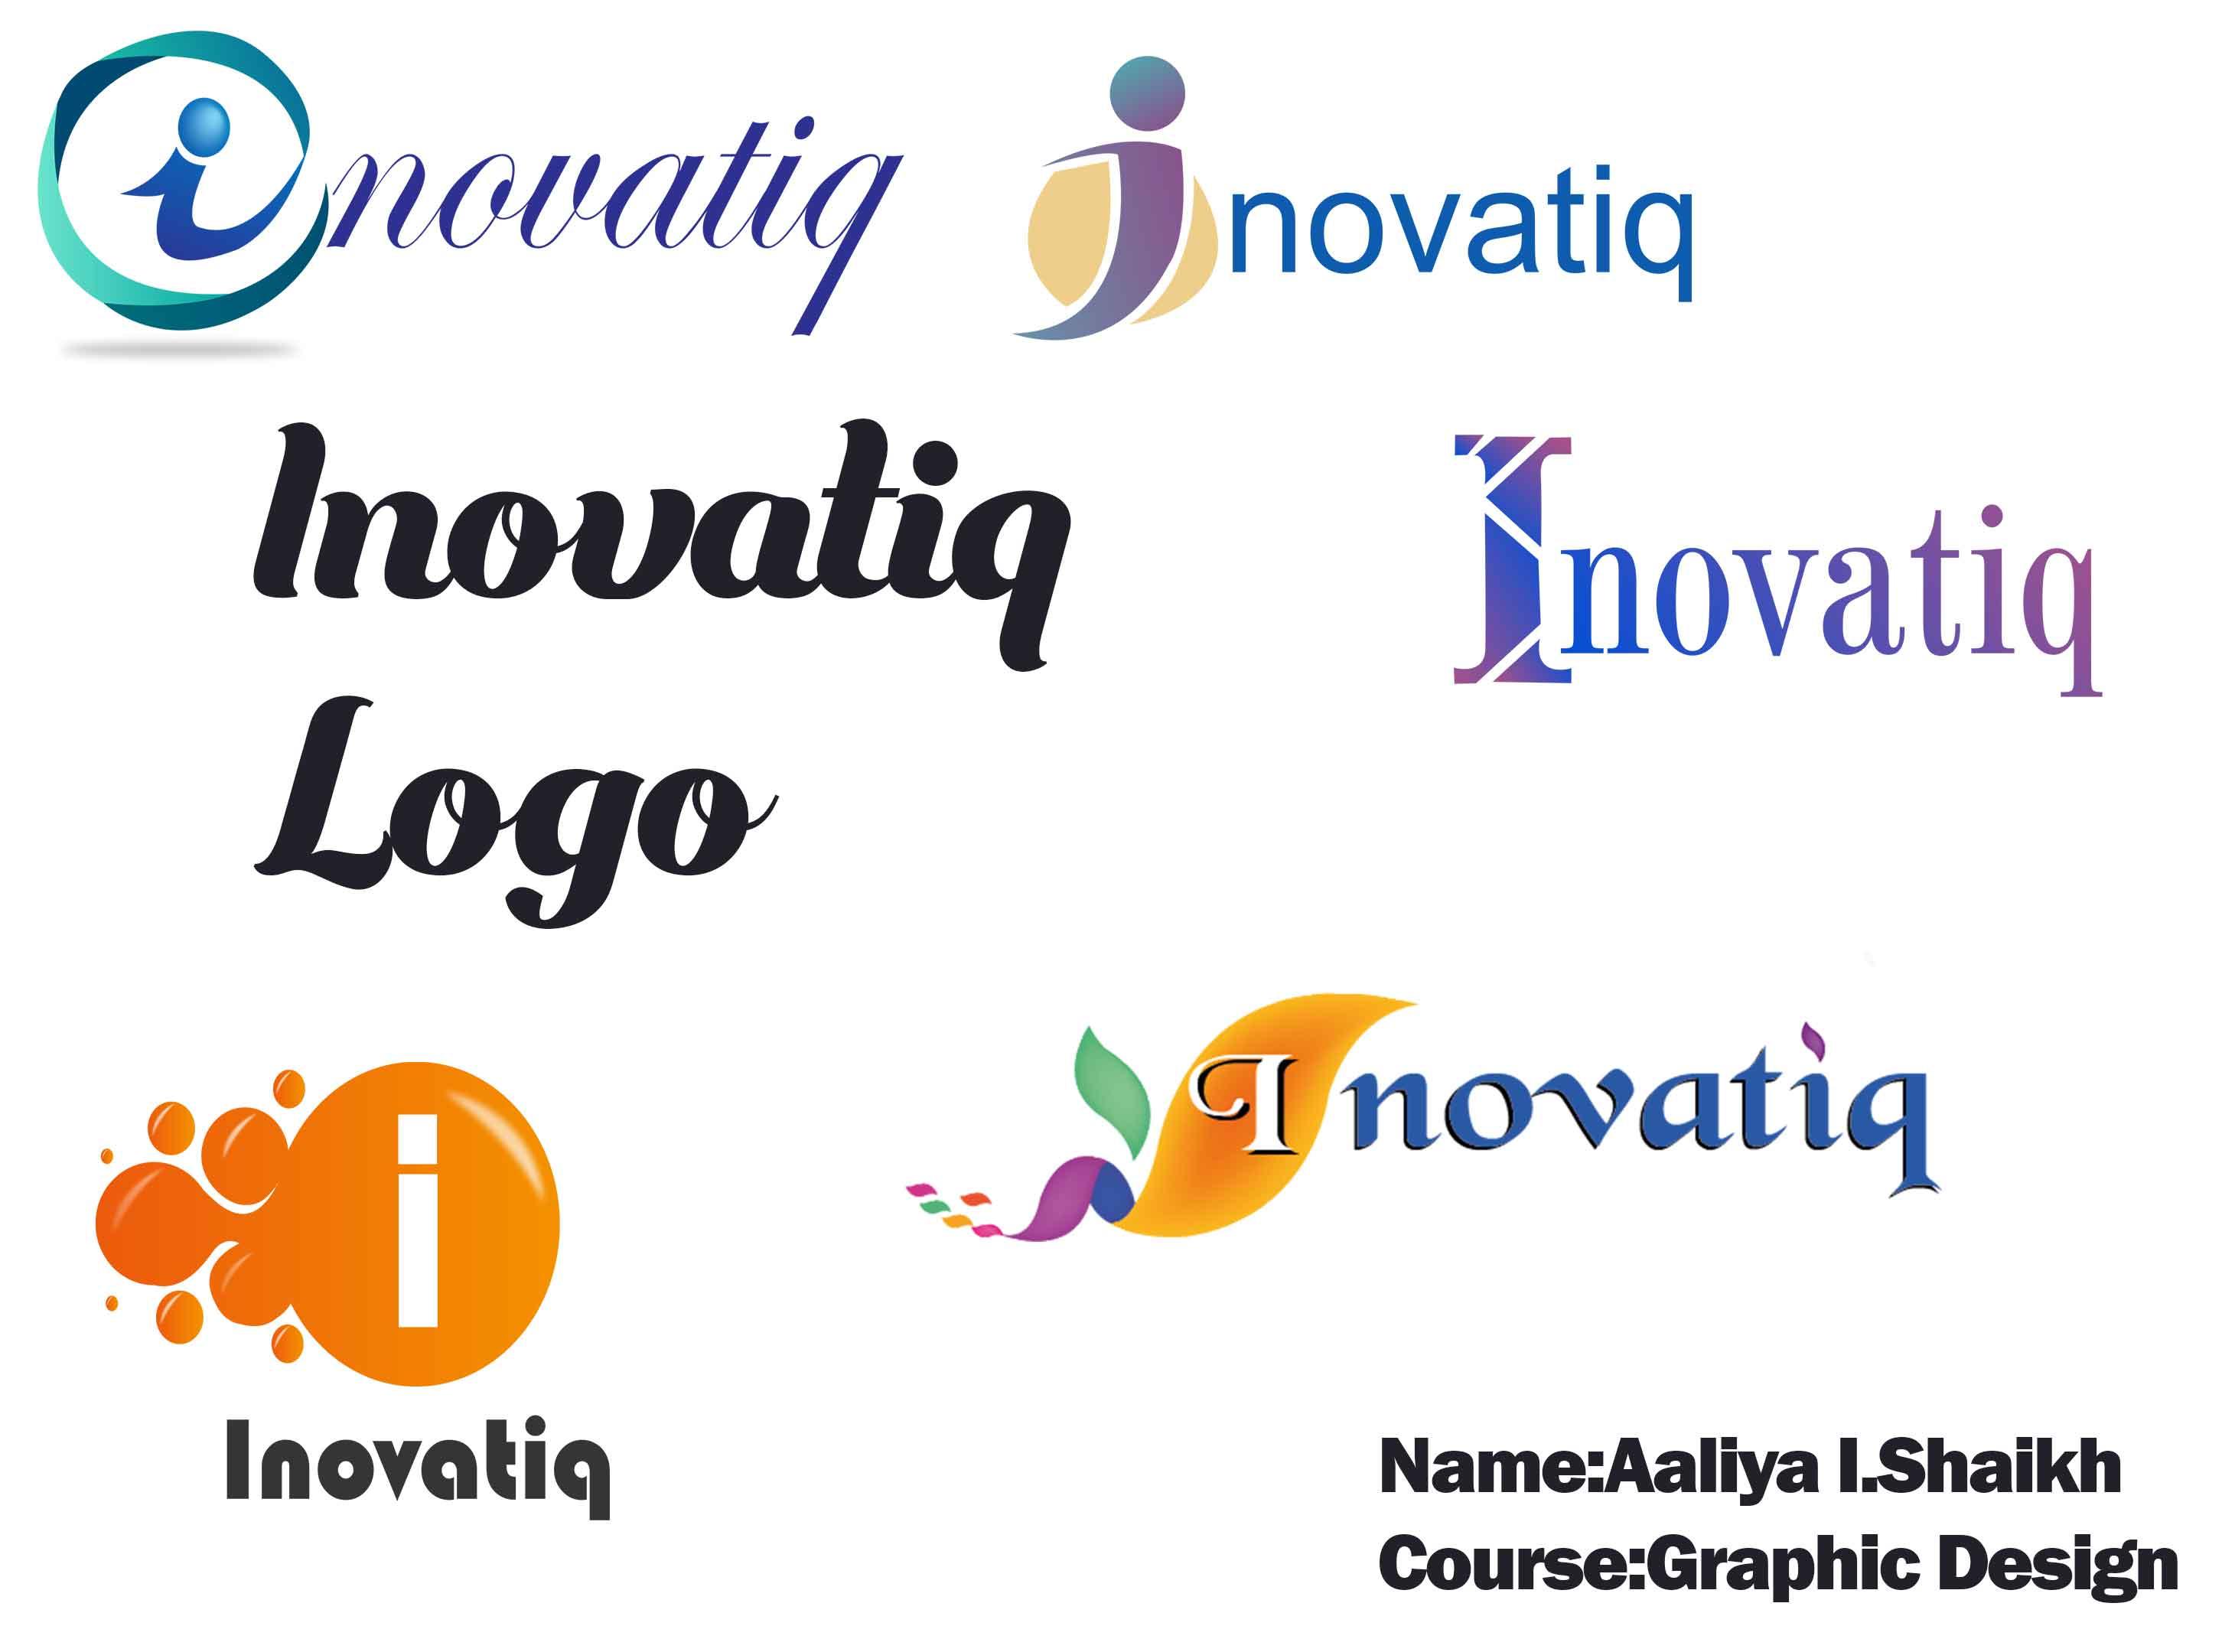 Inovatiq-Log